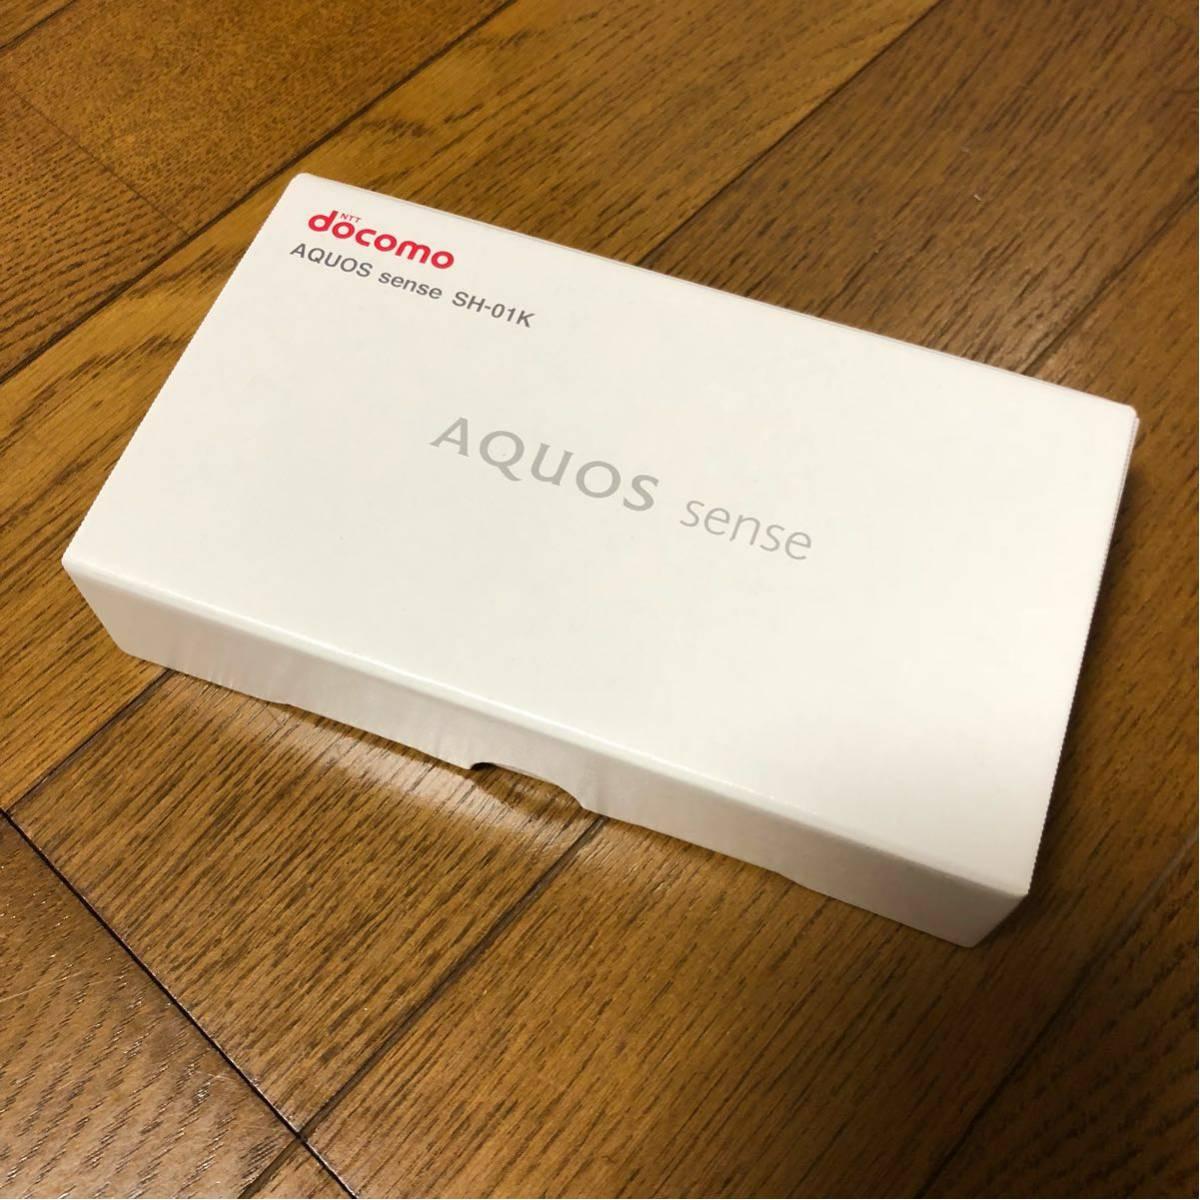 【新品】AQUOS SENSE docomo SH-01K シルキーホワイト ホワイト SIMロック解除可能 ドコモ android SIMフリー